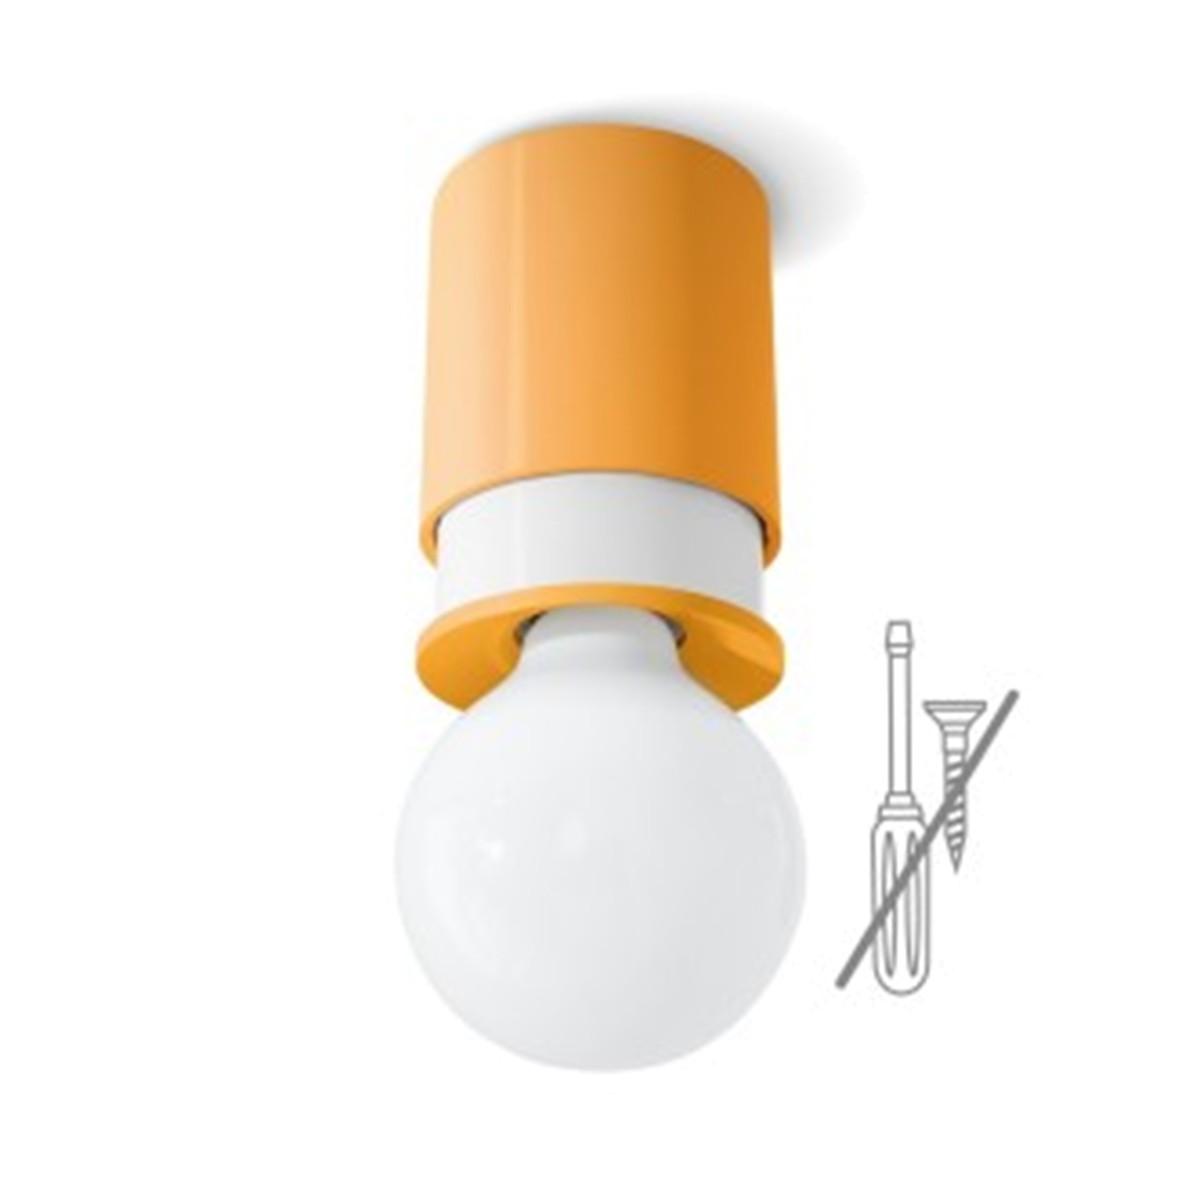 Klein AG Twister Colours Wand- / Deckenleuchte, orange